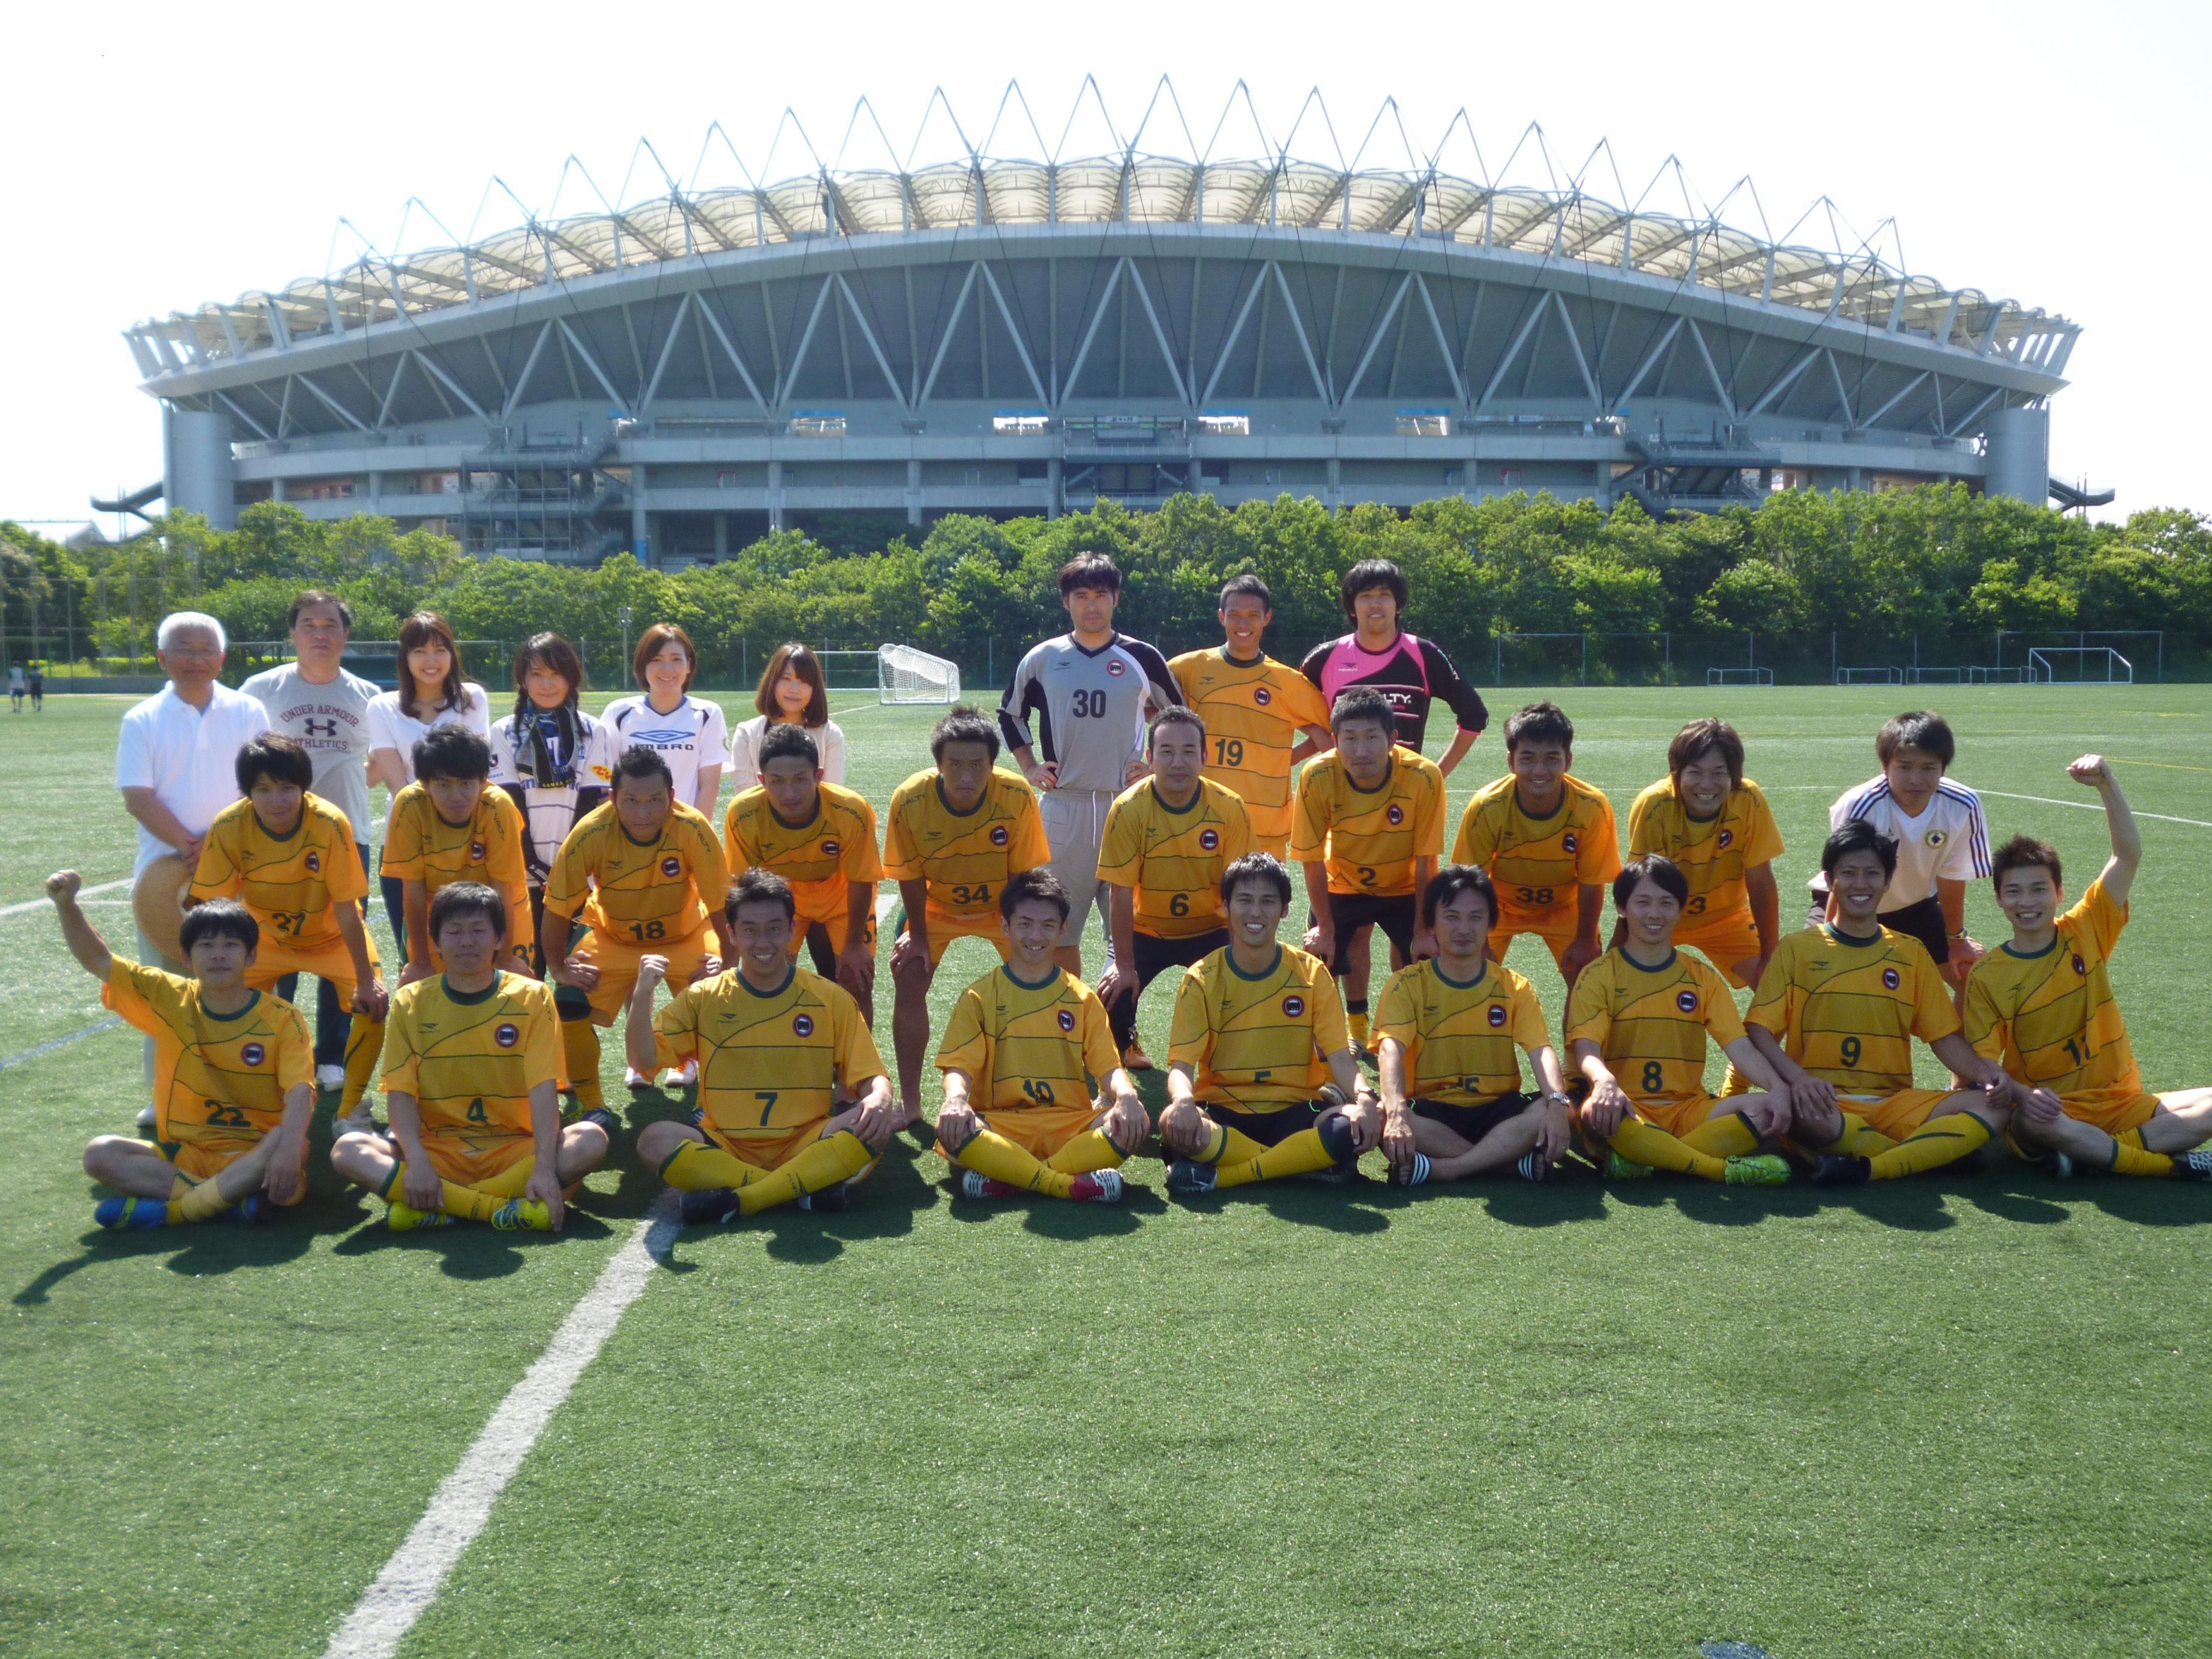 太田市役所サッカー部